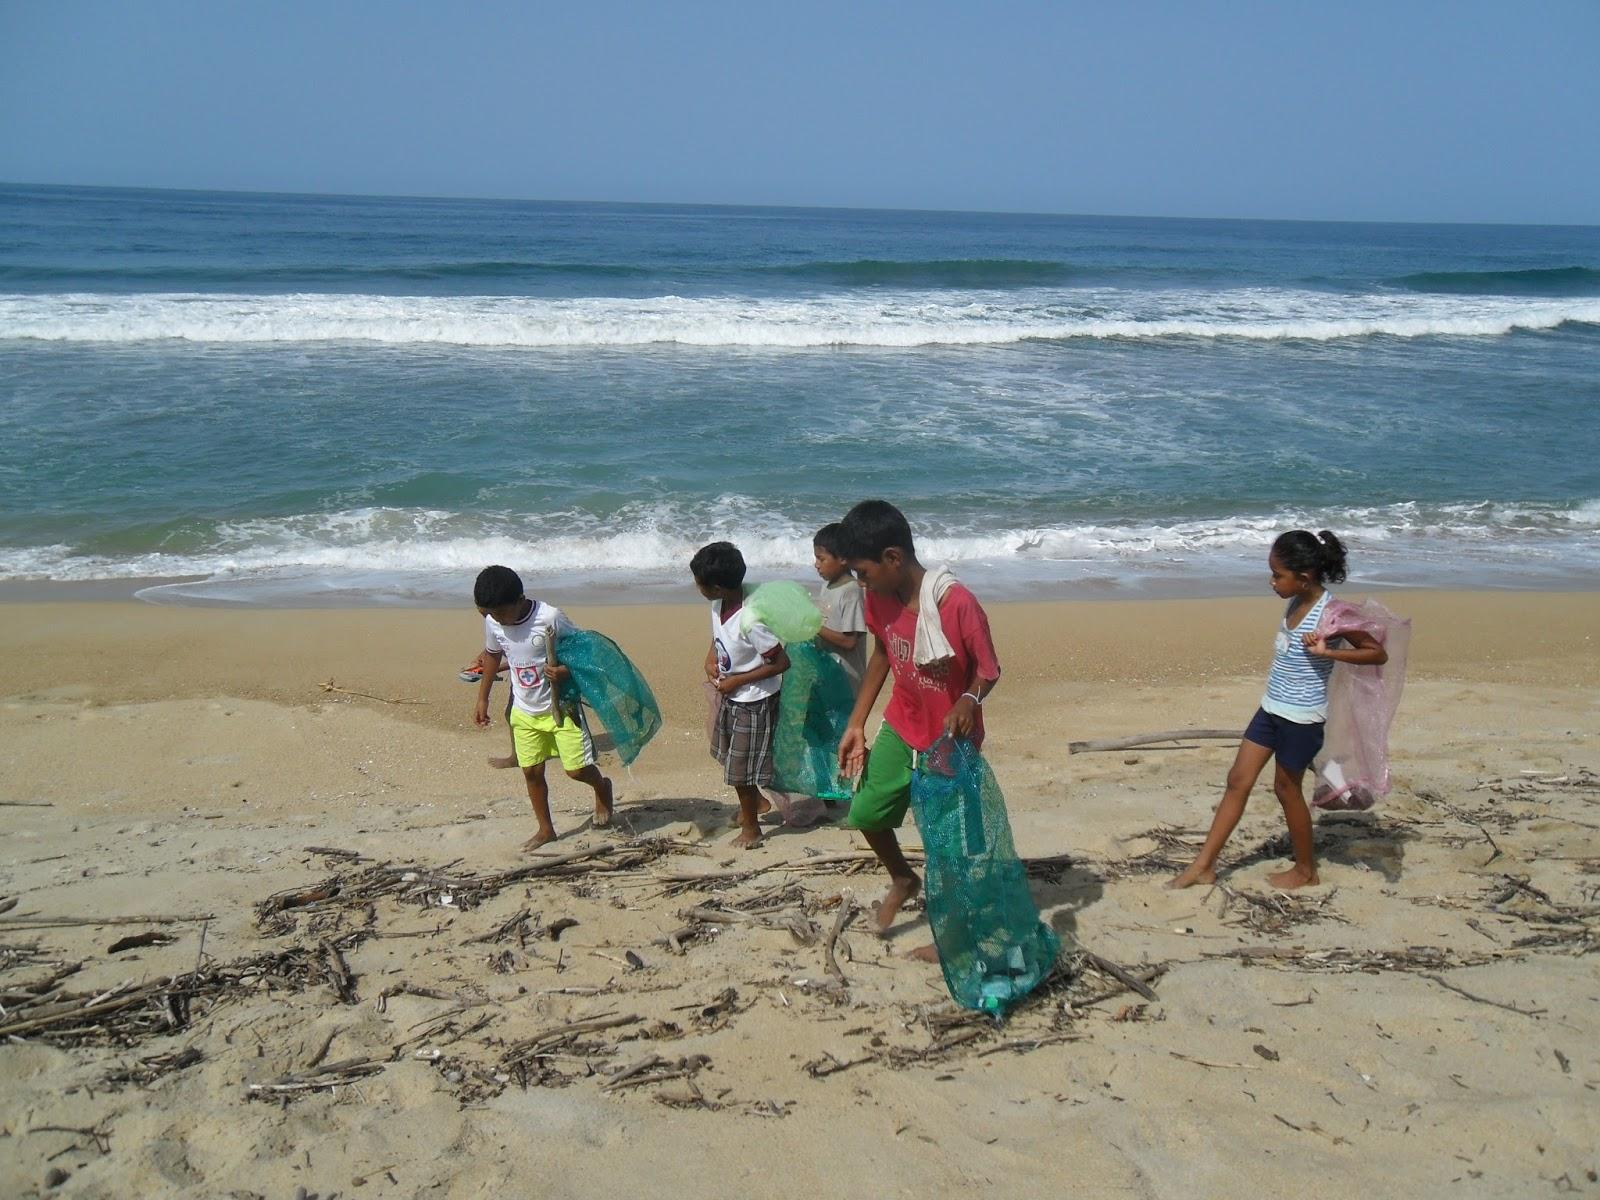 Voyage solidaire playa ventura nettoyage de la plage - Nettoyage de la fonte ...